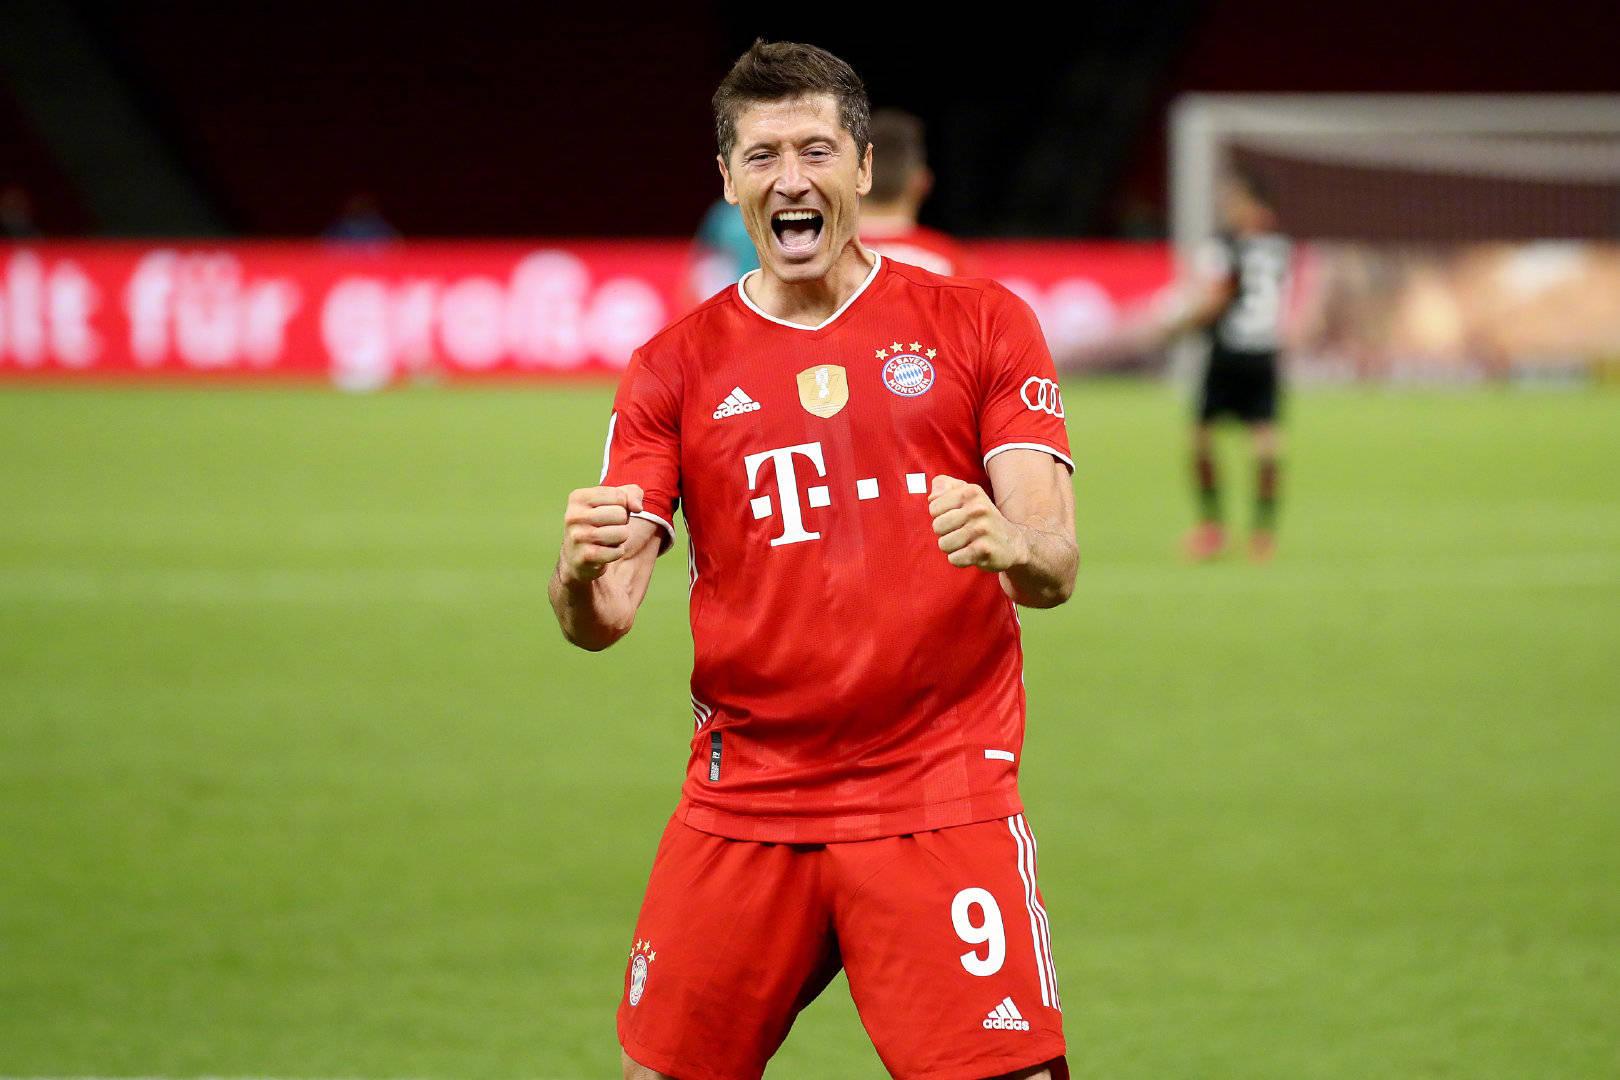 拜仁球员莱万多夫斯基当选为德国职业球员工会本赛季最佳球员